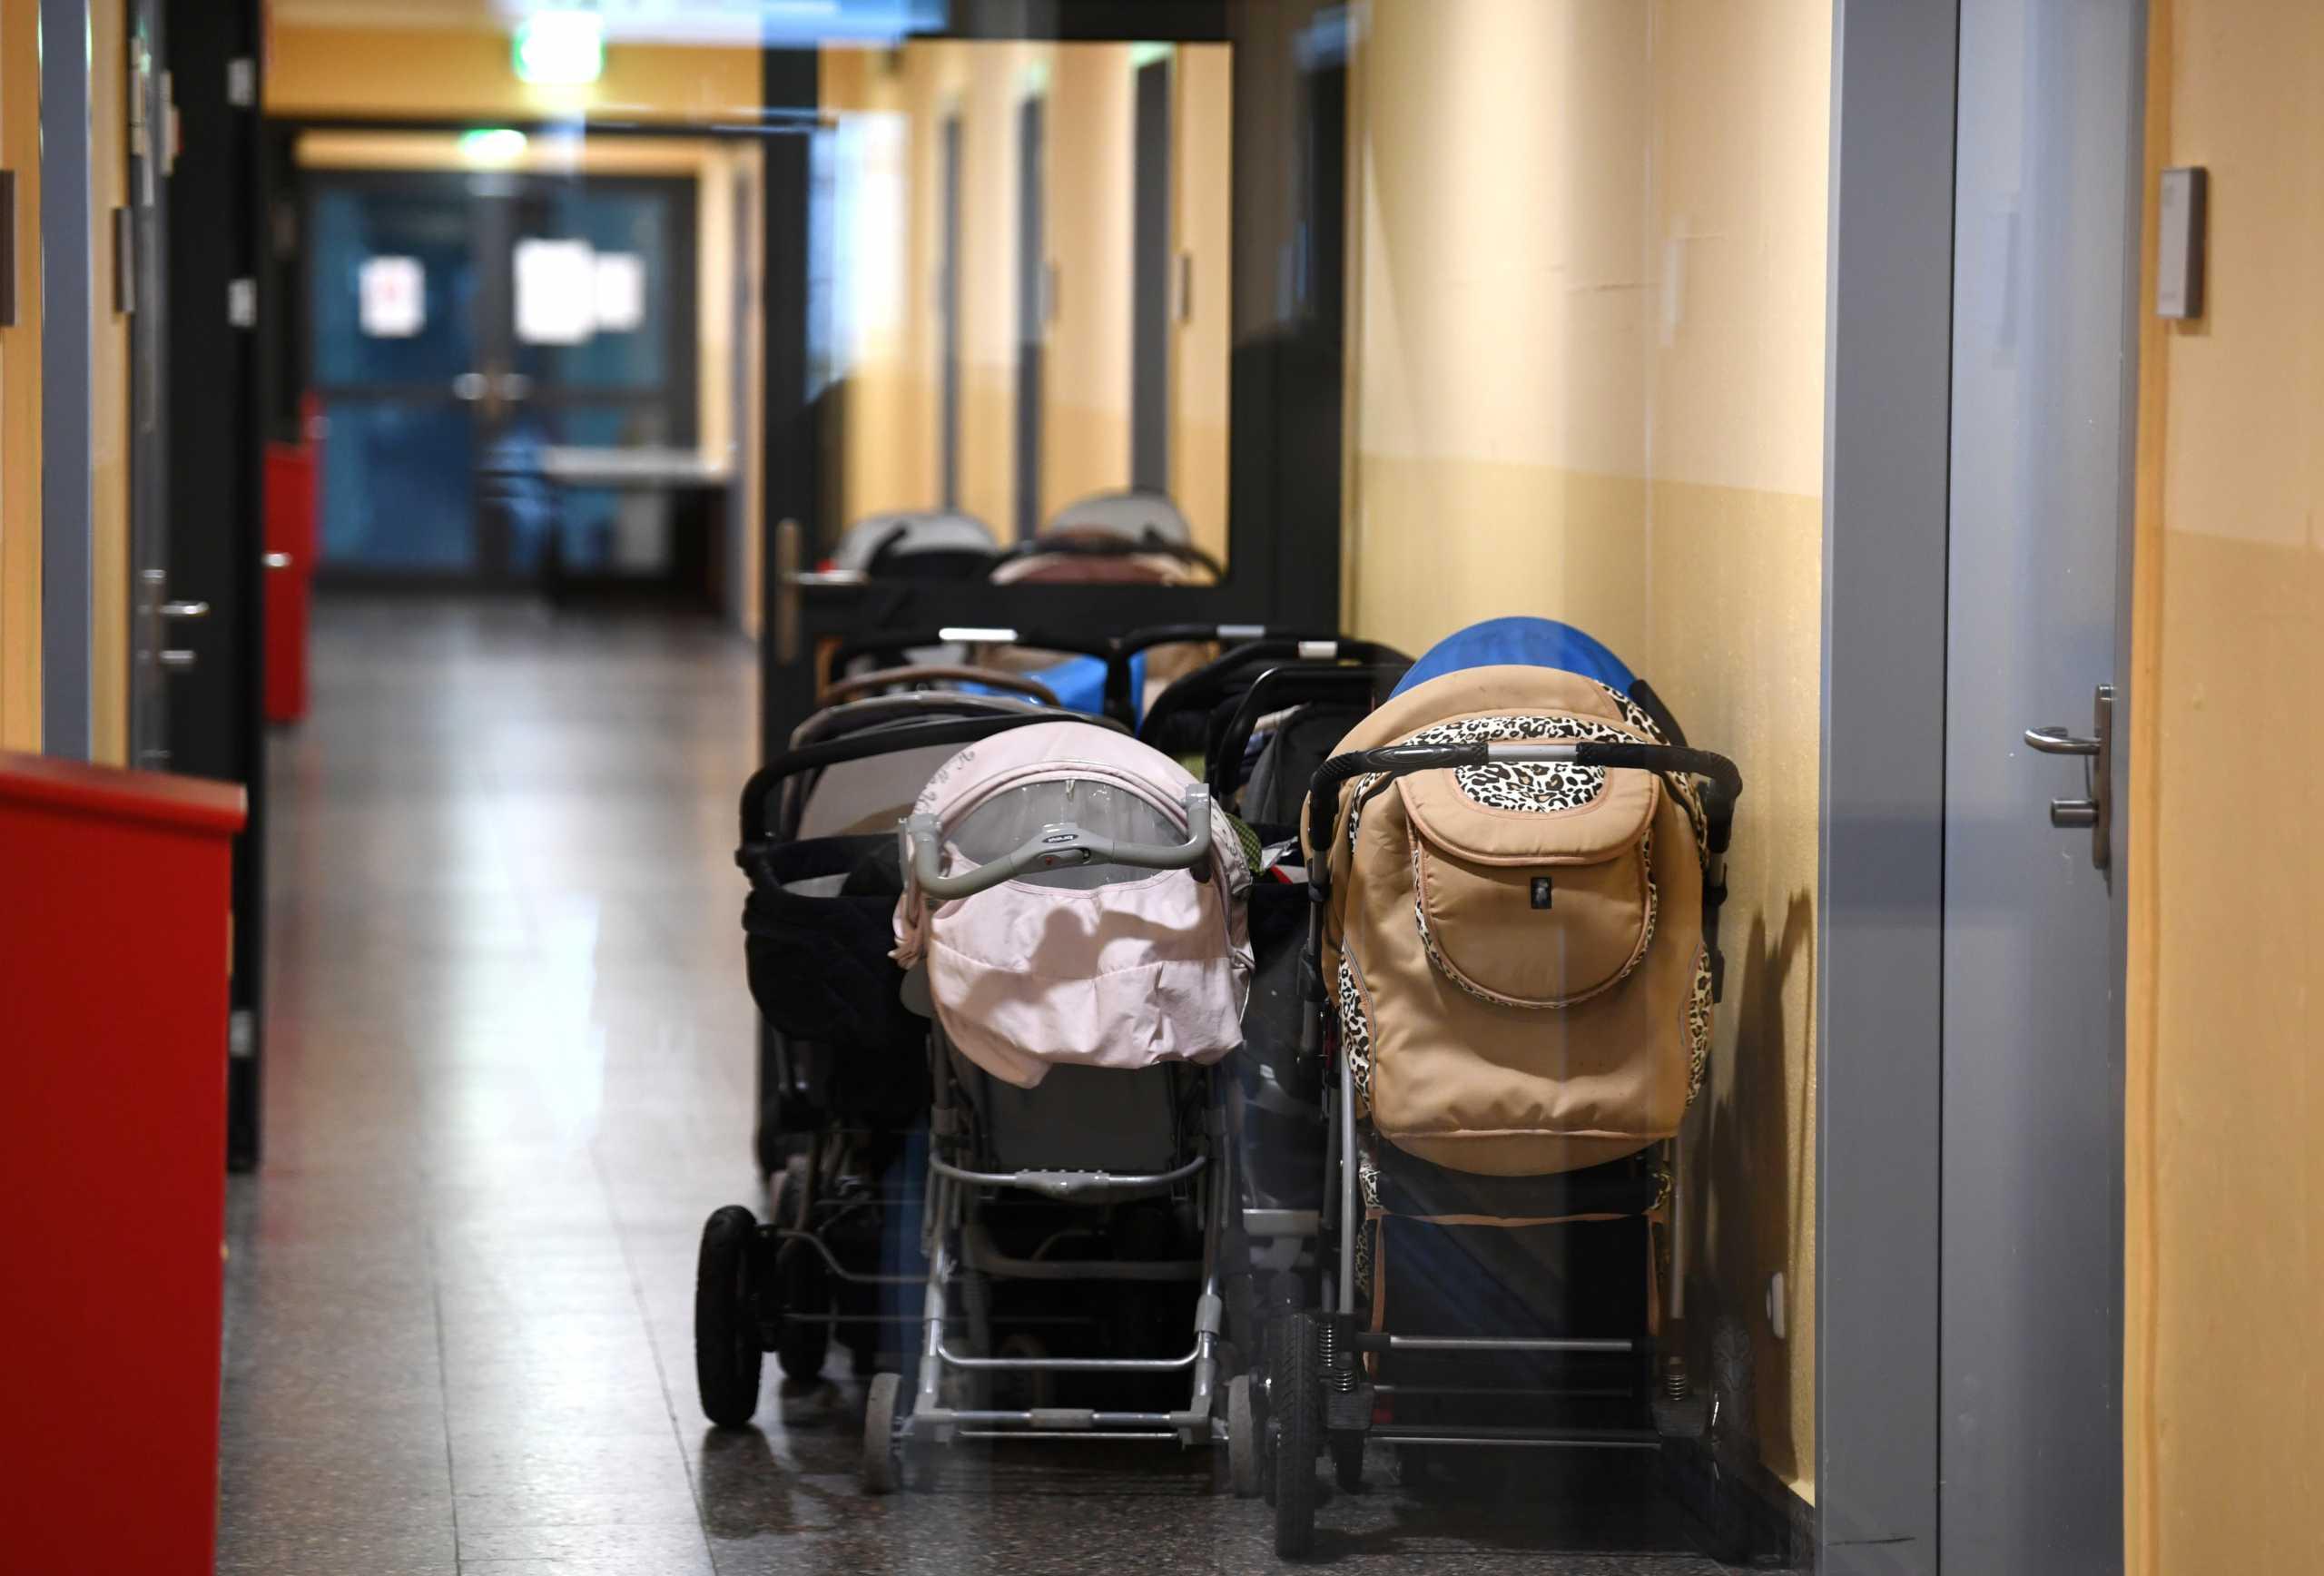 Ισπανία: 19χρονη ζητά 3 εκατ. ευρώ από το υπουργείο Υγείας επειδή την έδωσαν σε λάθος οικογένεια όταν γεννήθηκε